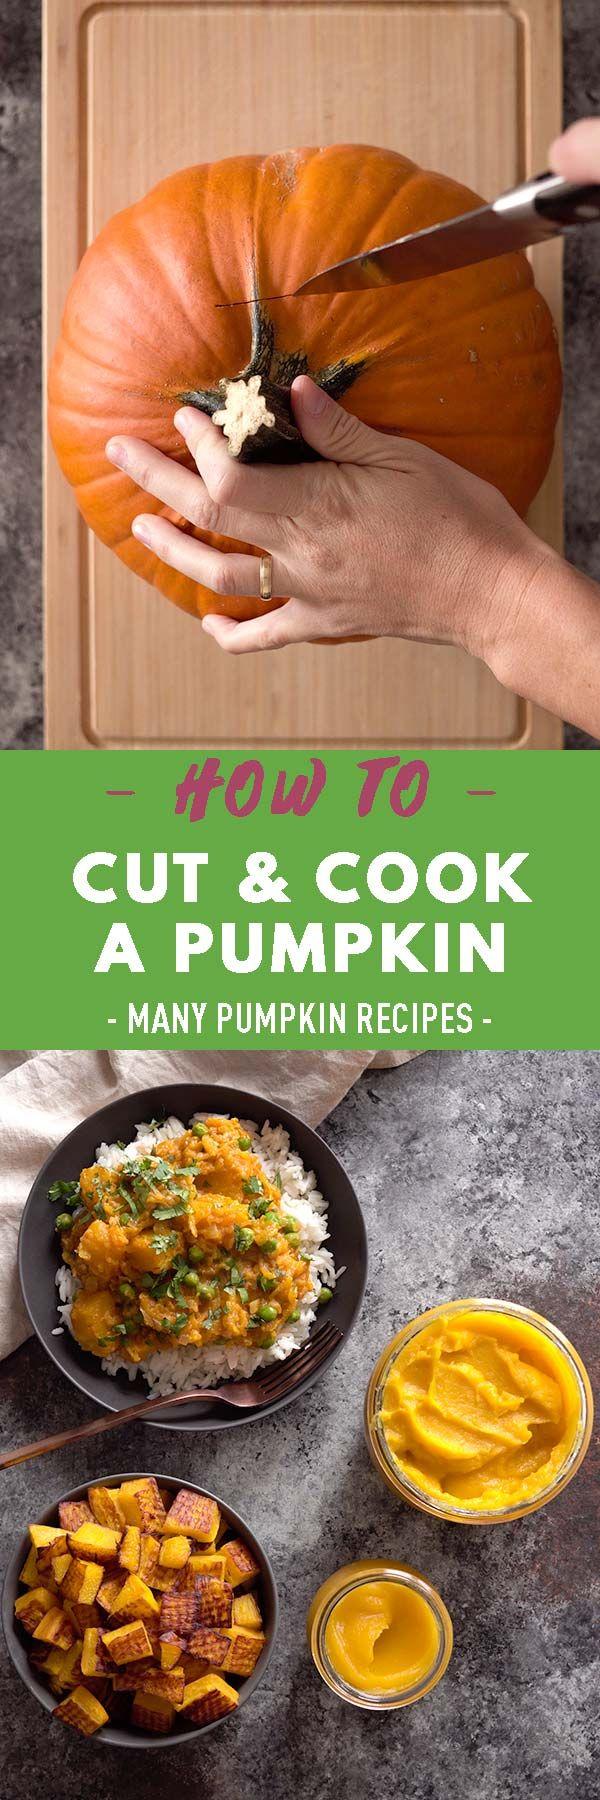 Wie man einen Kürbis schneidet, wie man Kürbis kocht oder brät und köstliche Kürbisrezepte …   – Recipes